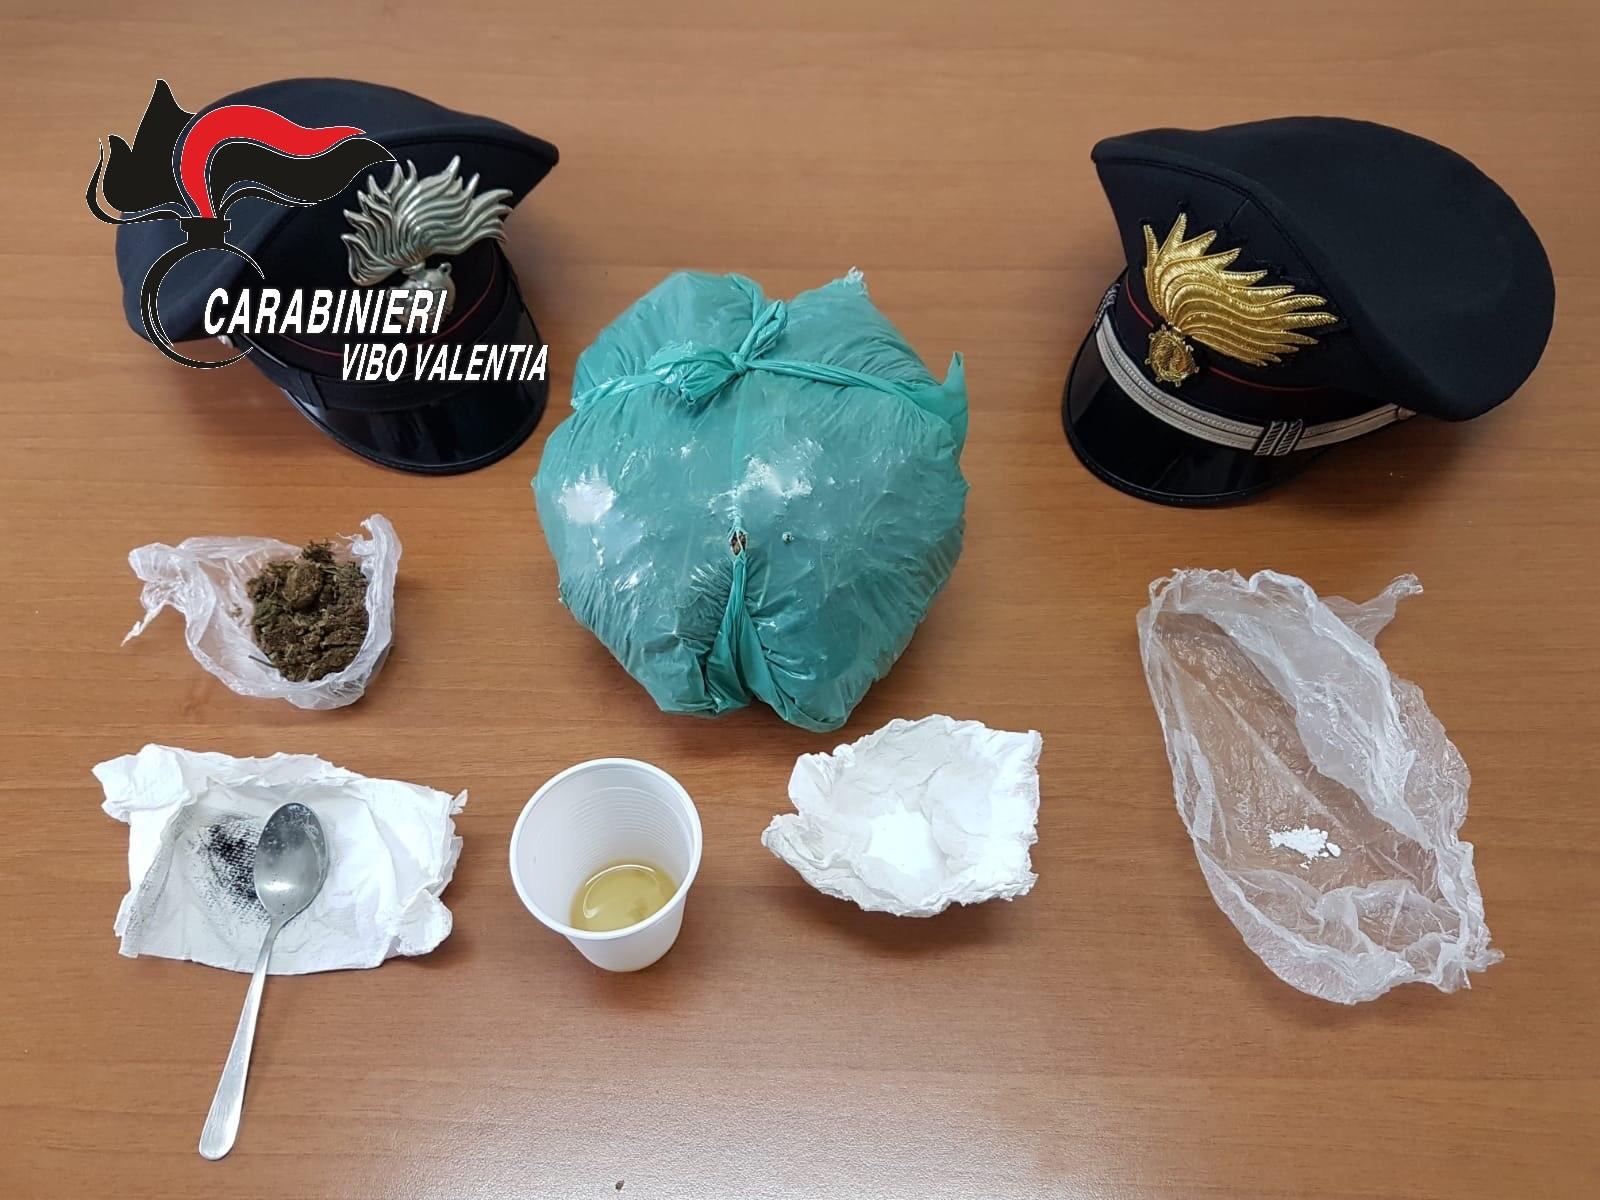 Pusher arrestato dai carabinieri a Vibo Marina  Aveva preparato le dosi per il mercato delle feste